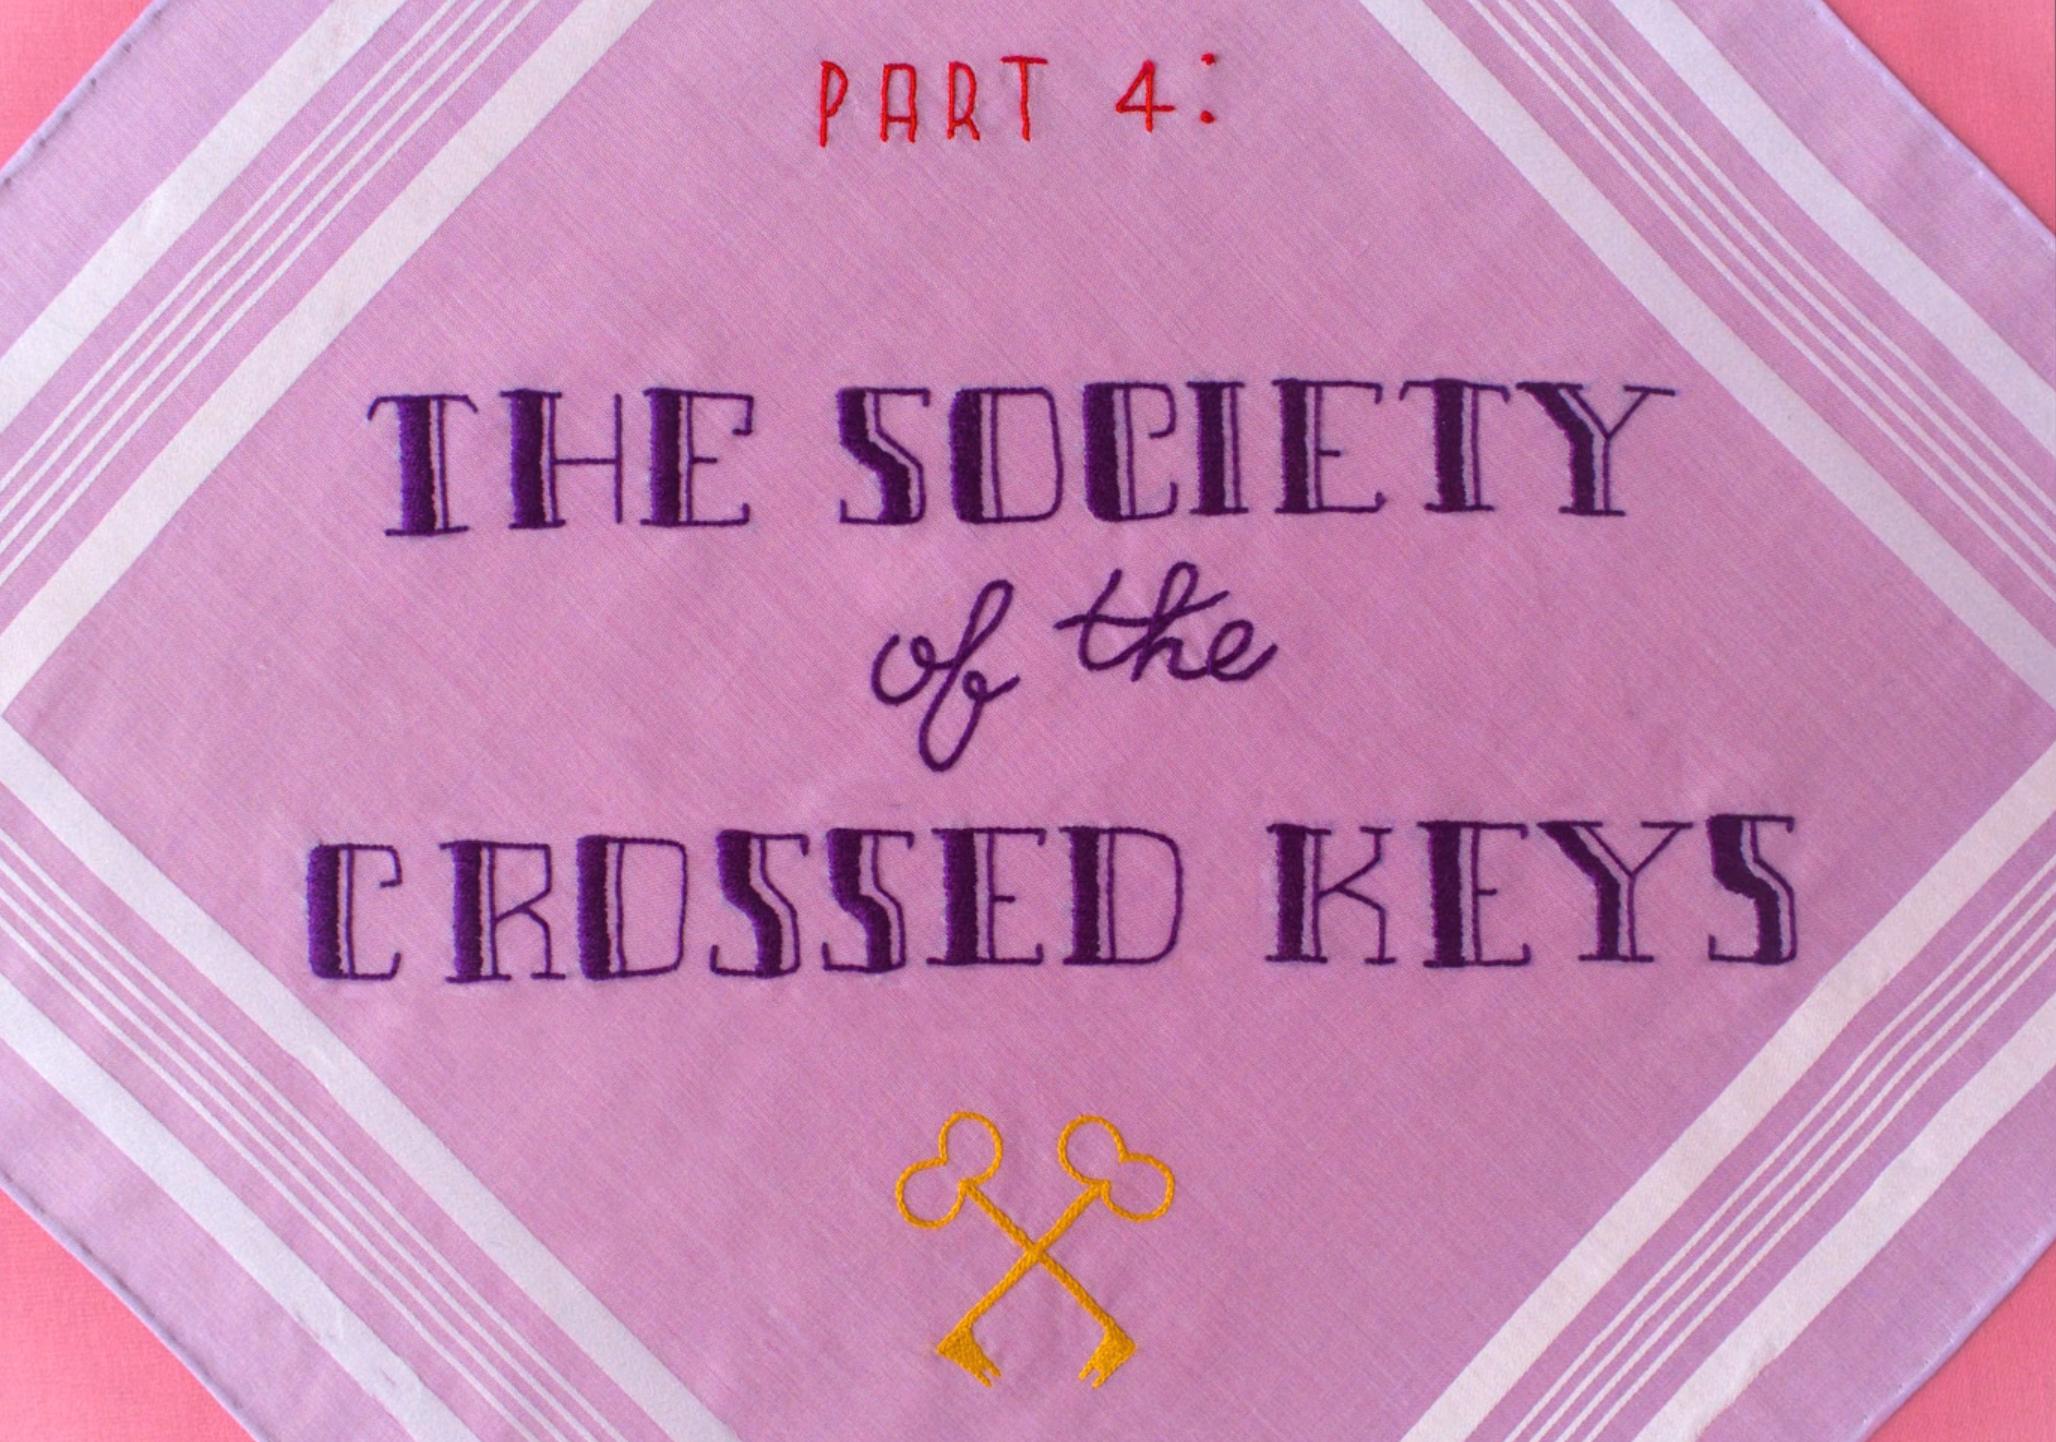 Logo for the Crossed Keys